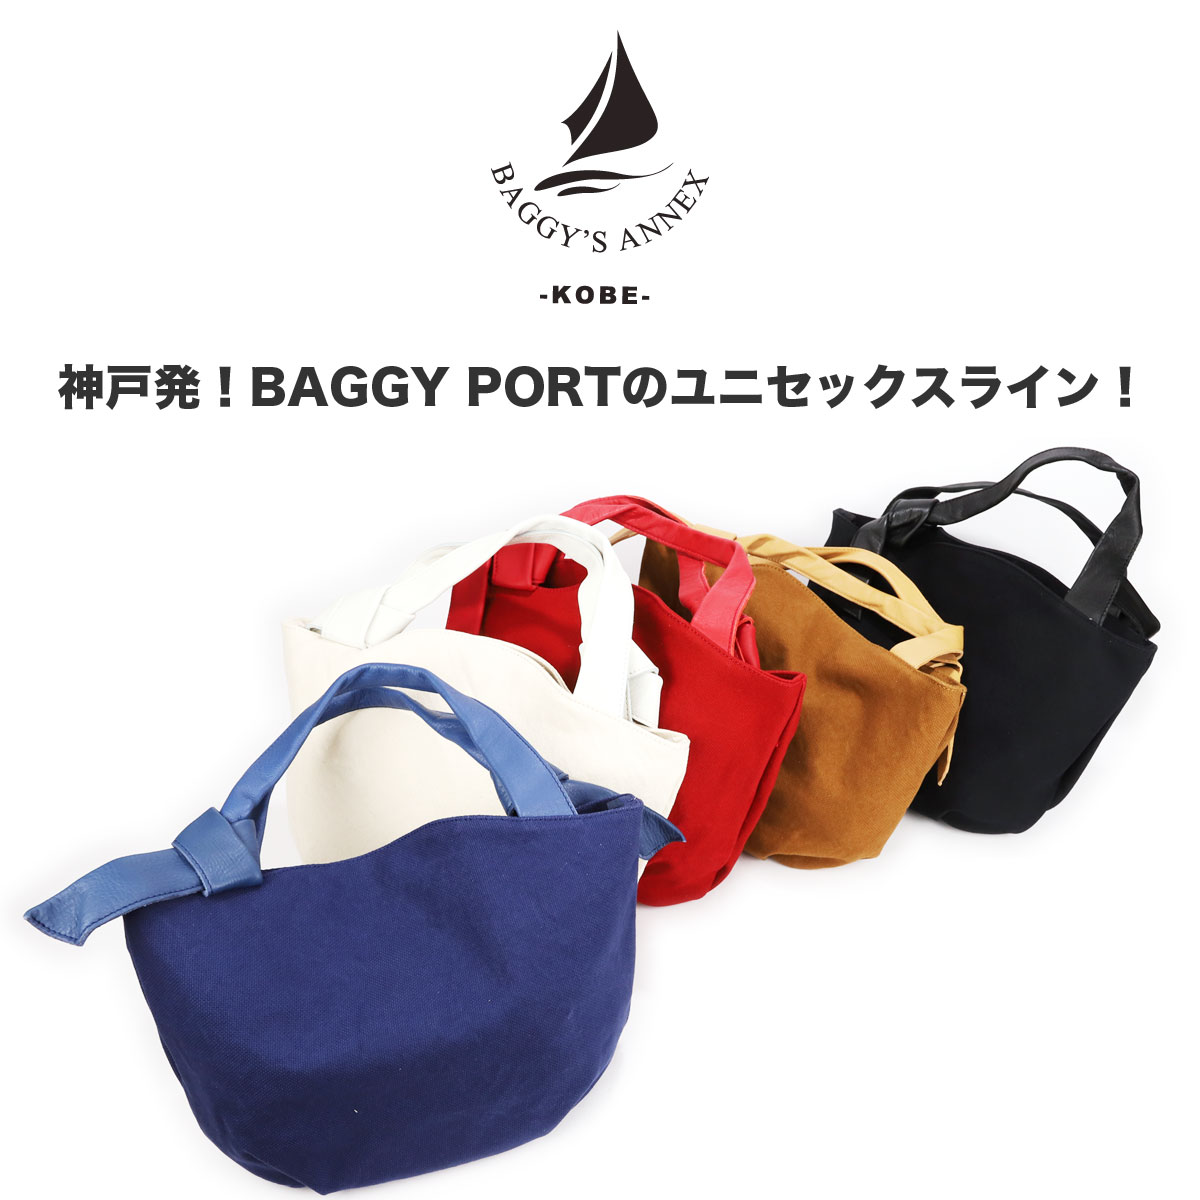 トートバッグ ハンドバッグ レディース B5サイズ対応 アーミークロス 国産10号帆布 BAGGY PORT バギーポート 丸底 シュリンクレザー 日本製 女性用 婦人用 ユニセックス